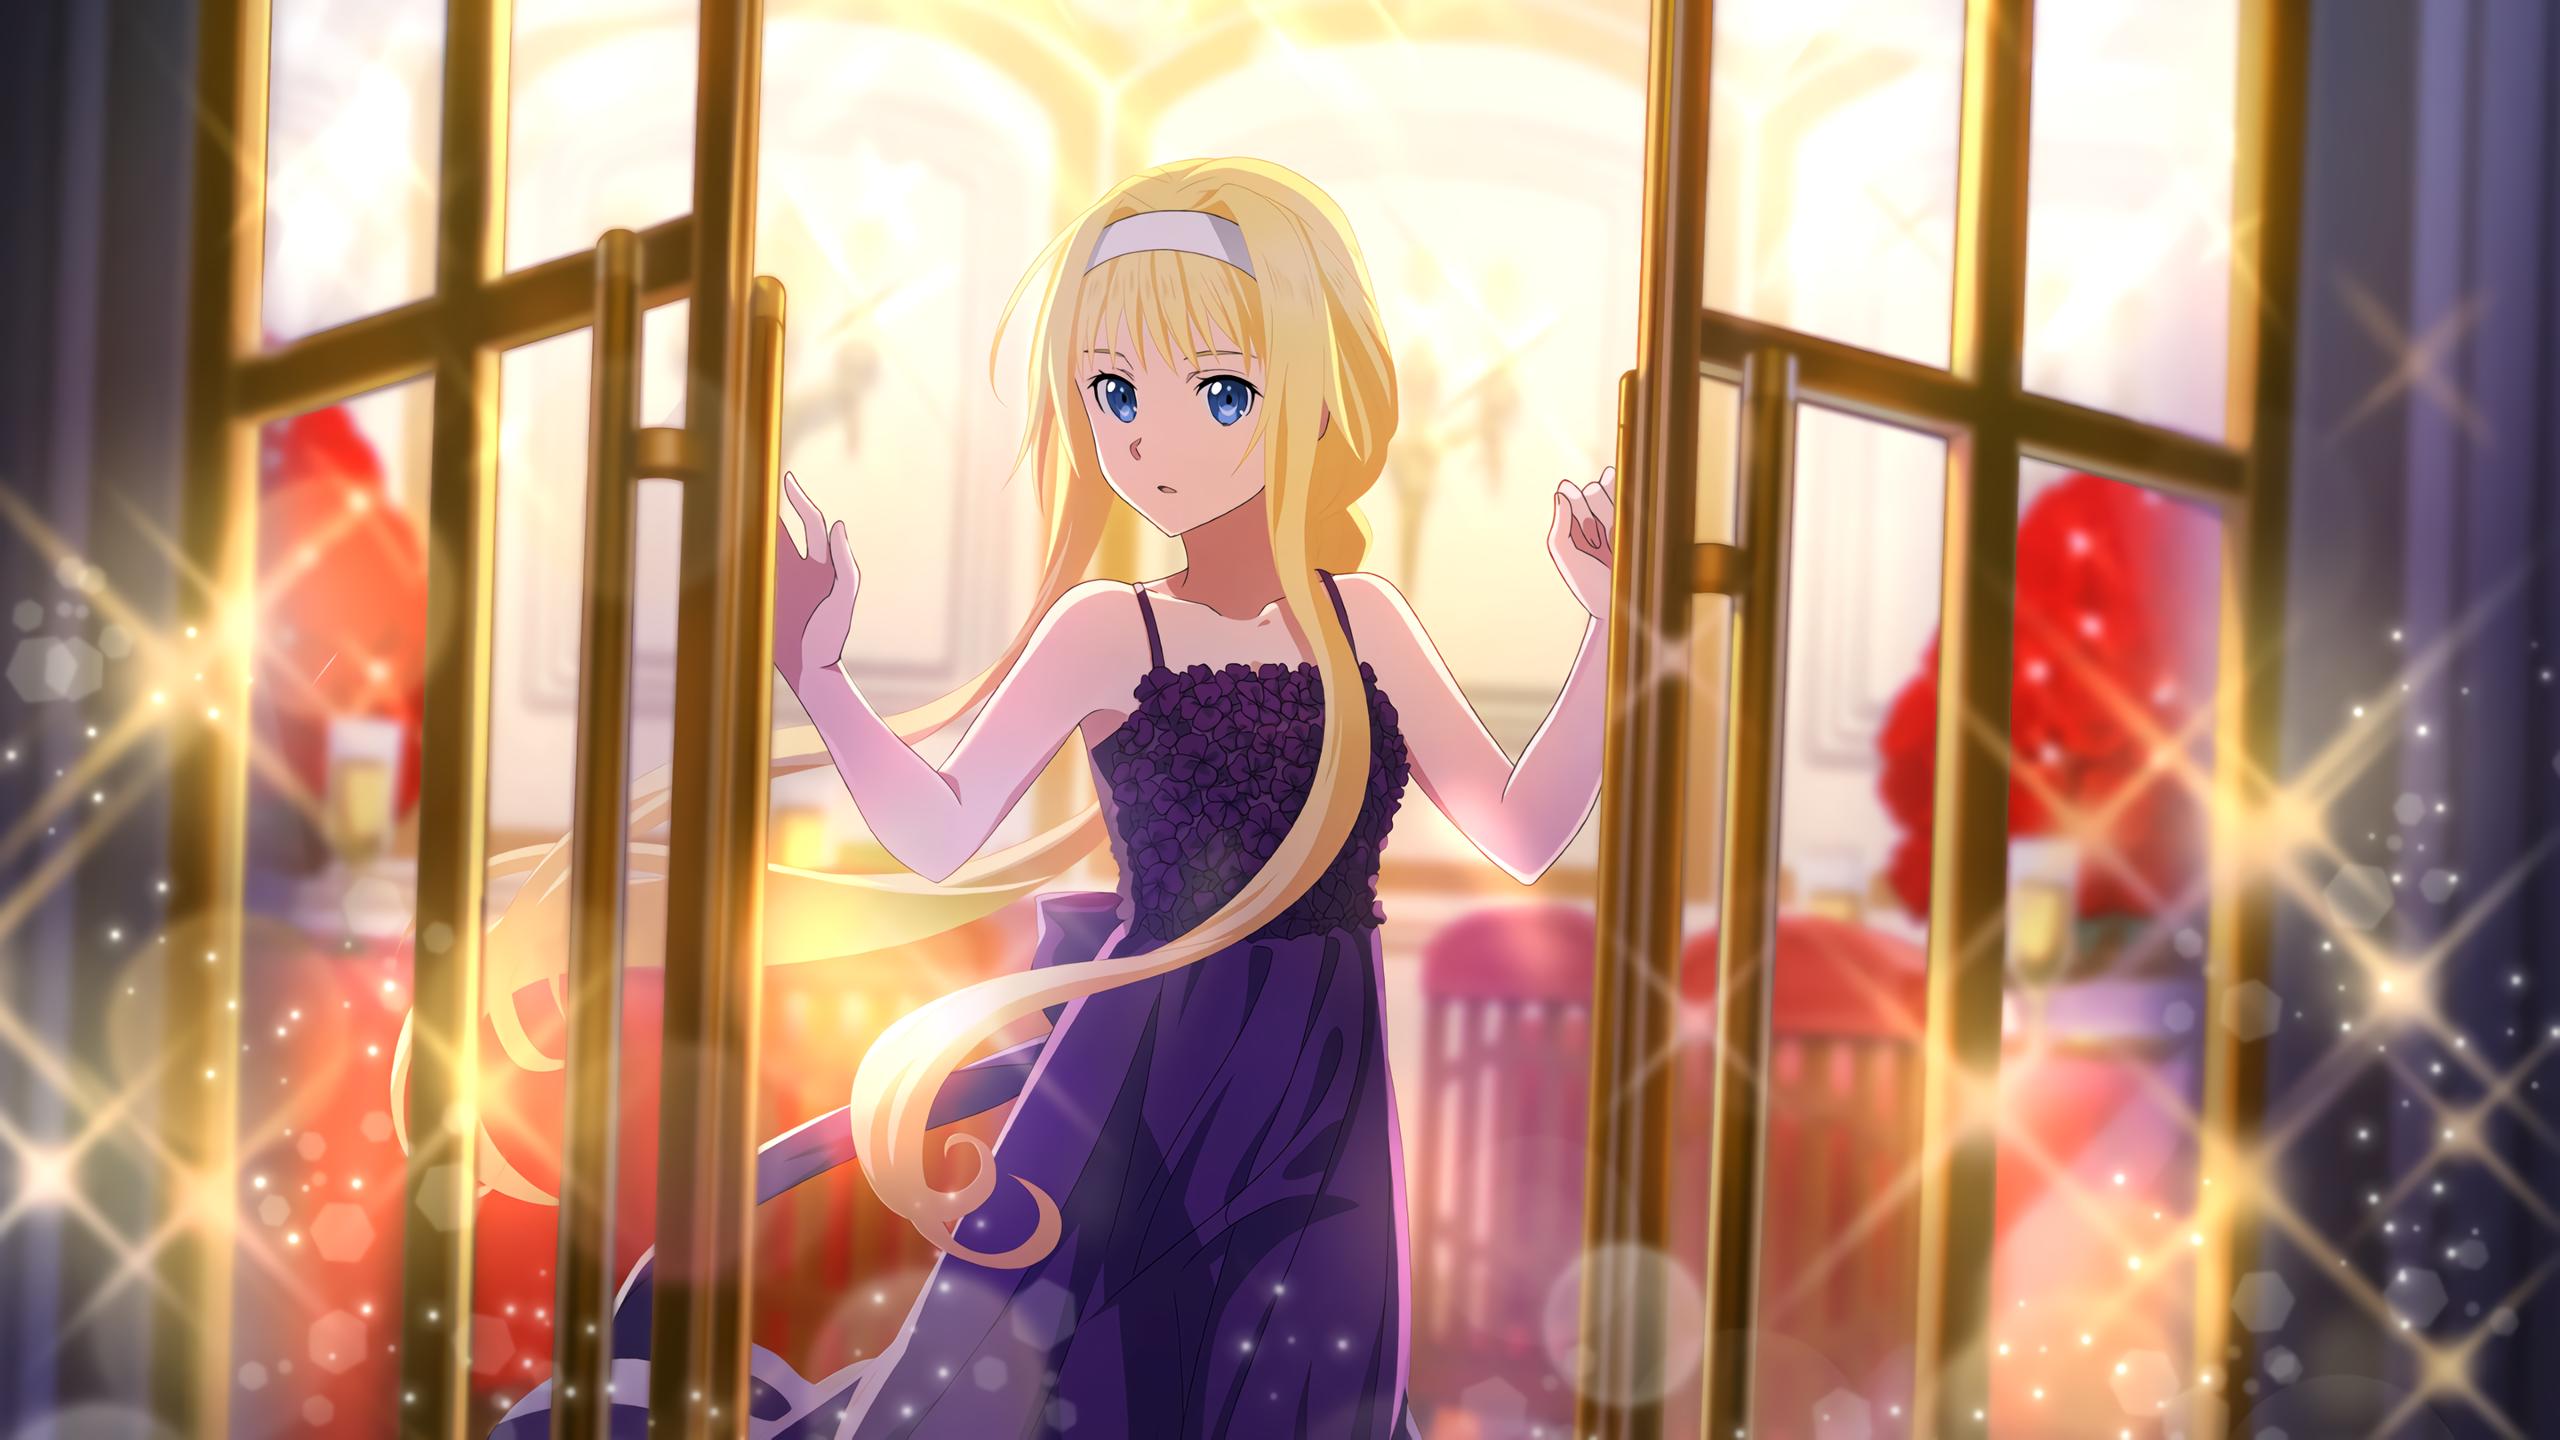 Girl Blonde Alice Zuberg 2560x1440